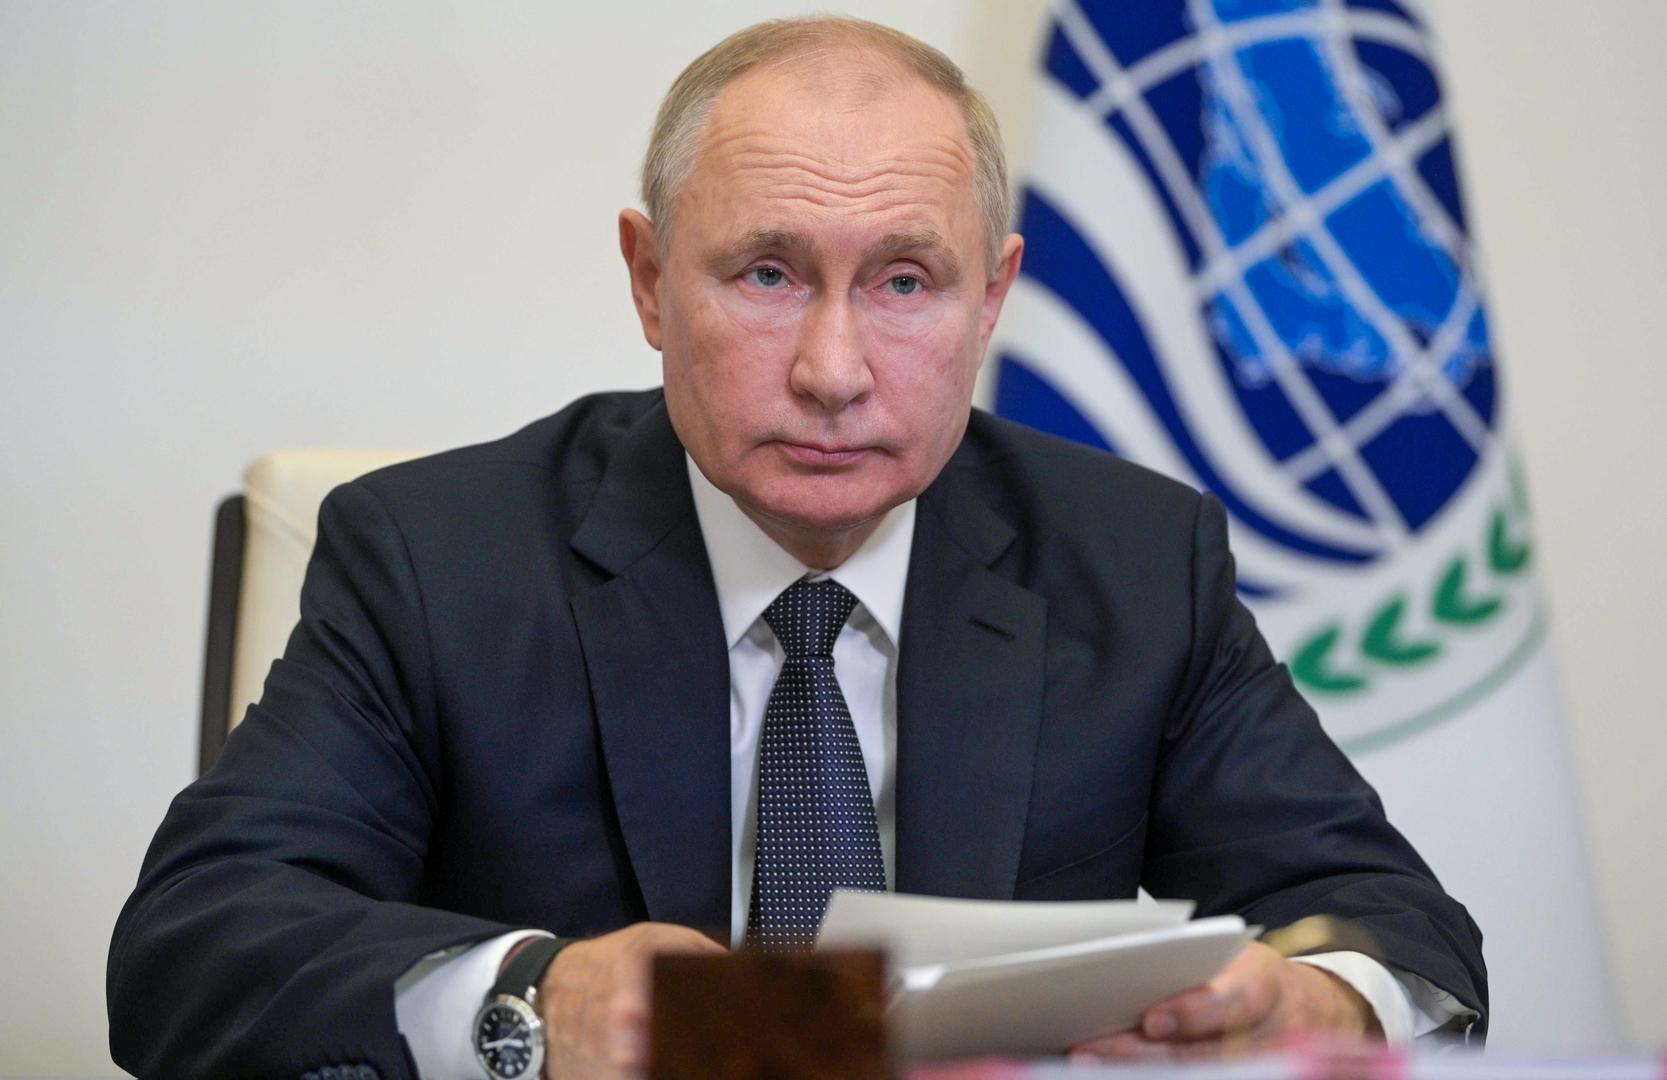 بوتين يؤكد أهمية الشراكة بين دول منظمة شنغهاي للتعاون في المجال الاقتصادي